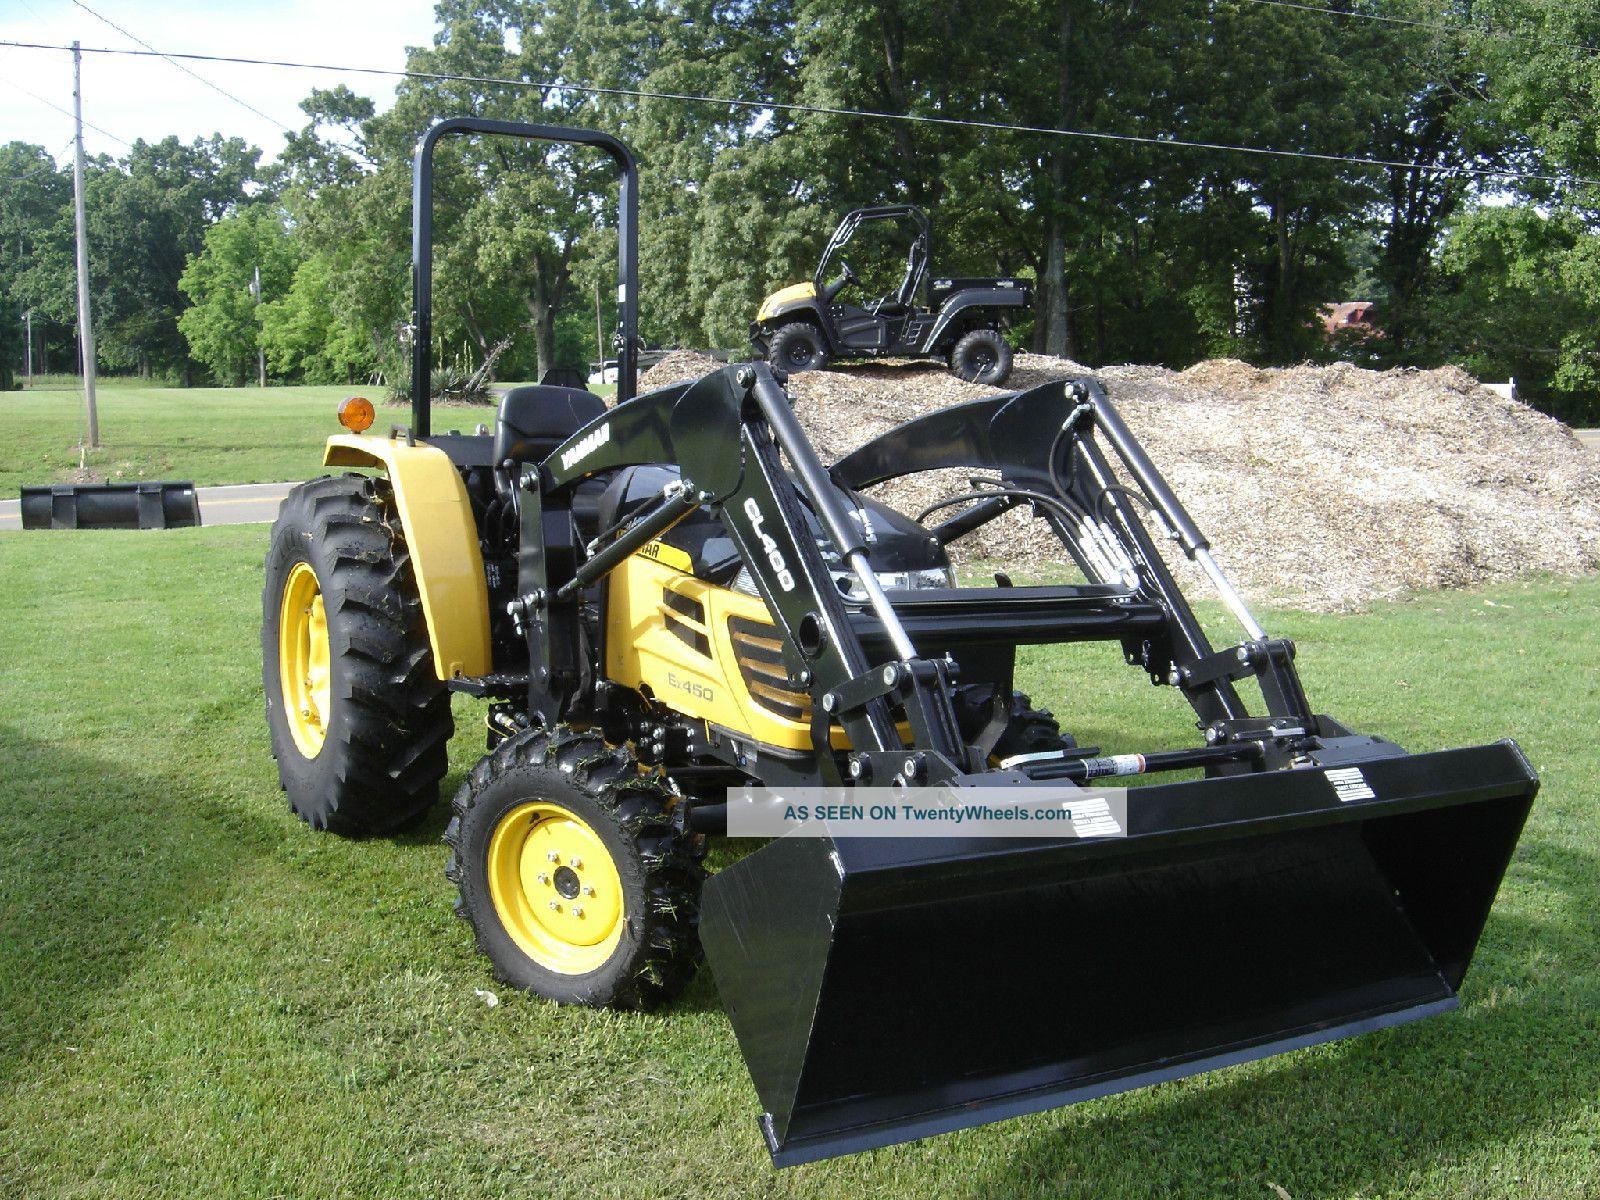 Cub Cadet Compact Tractors : Cub cadet yanmar ex compact utility tractor